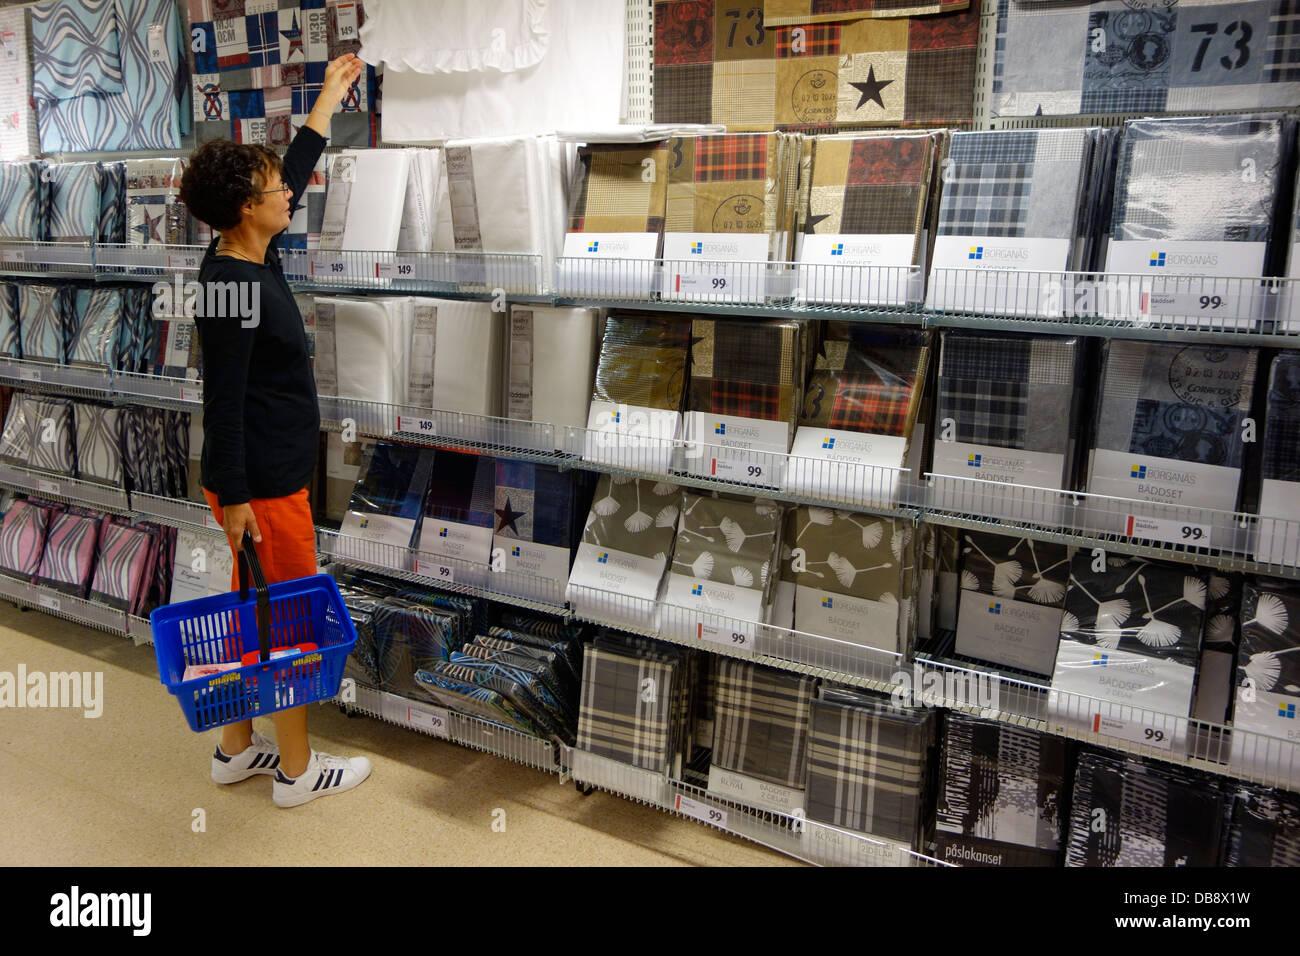 Una donna shopping per il letto di abbigliamento e di fogli. Ullared shopping mall, Svezia. Immagini Stock